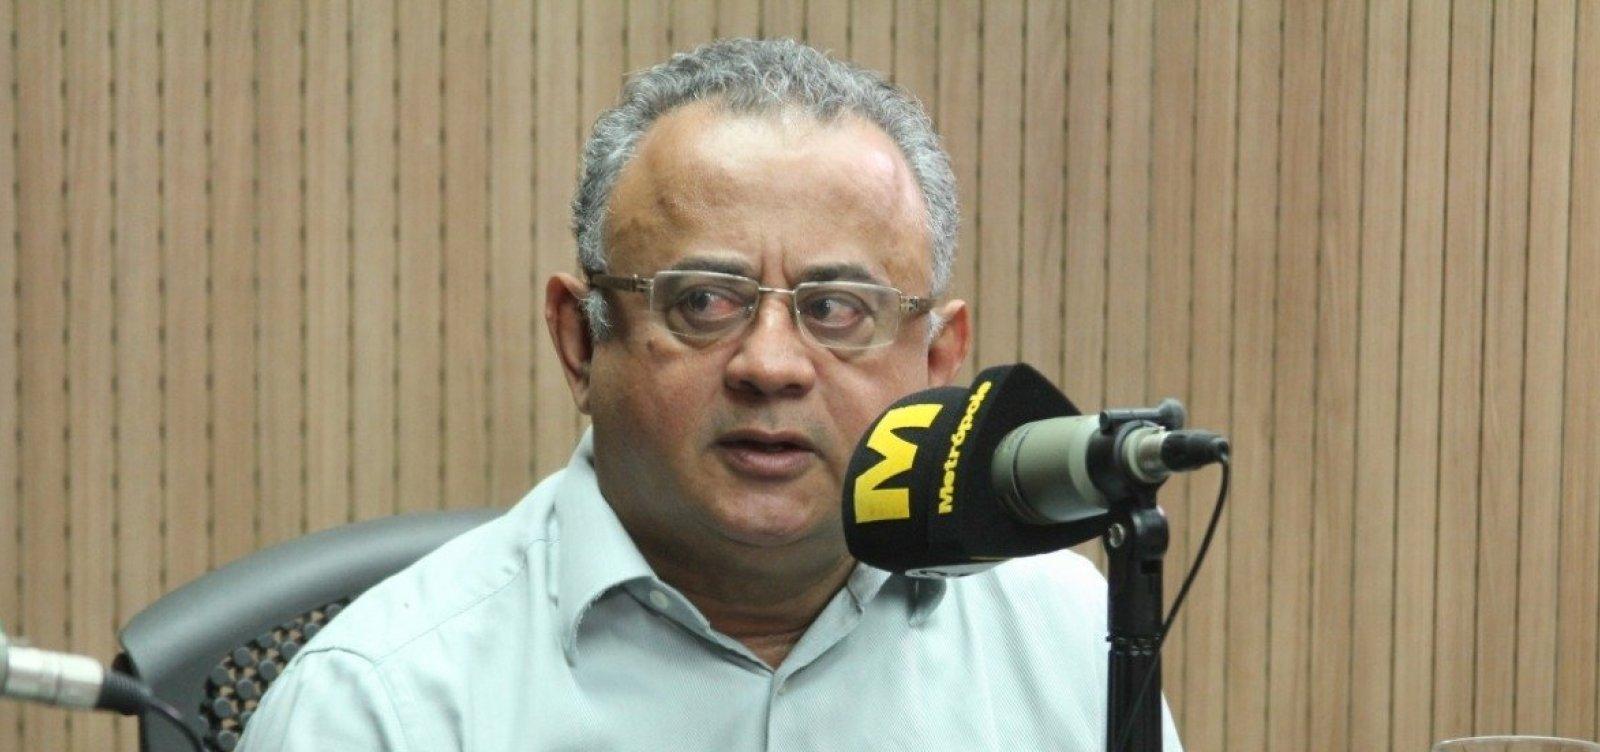 'Construção civil retrocedeu 10 anos e crise é maior na Bahia', diz presidente de sindicato